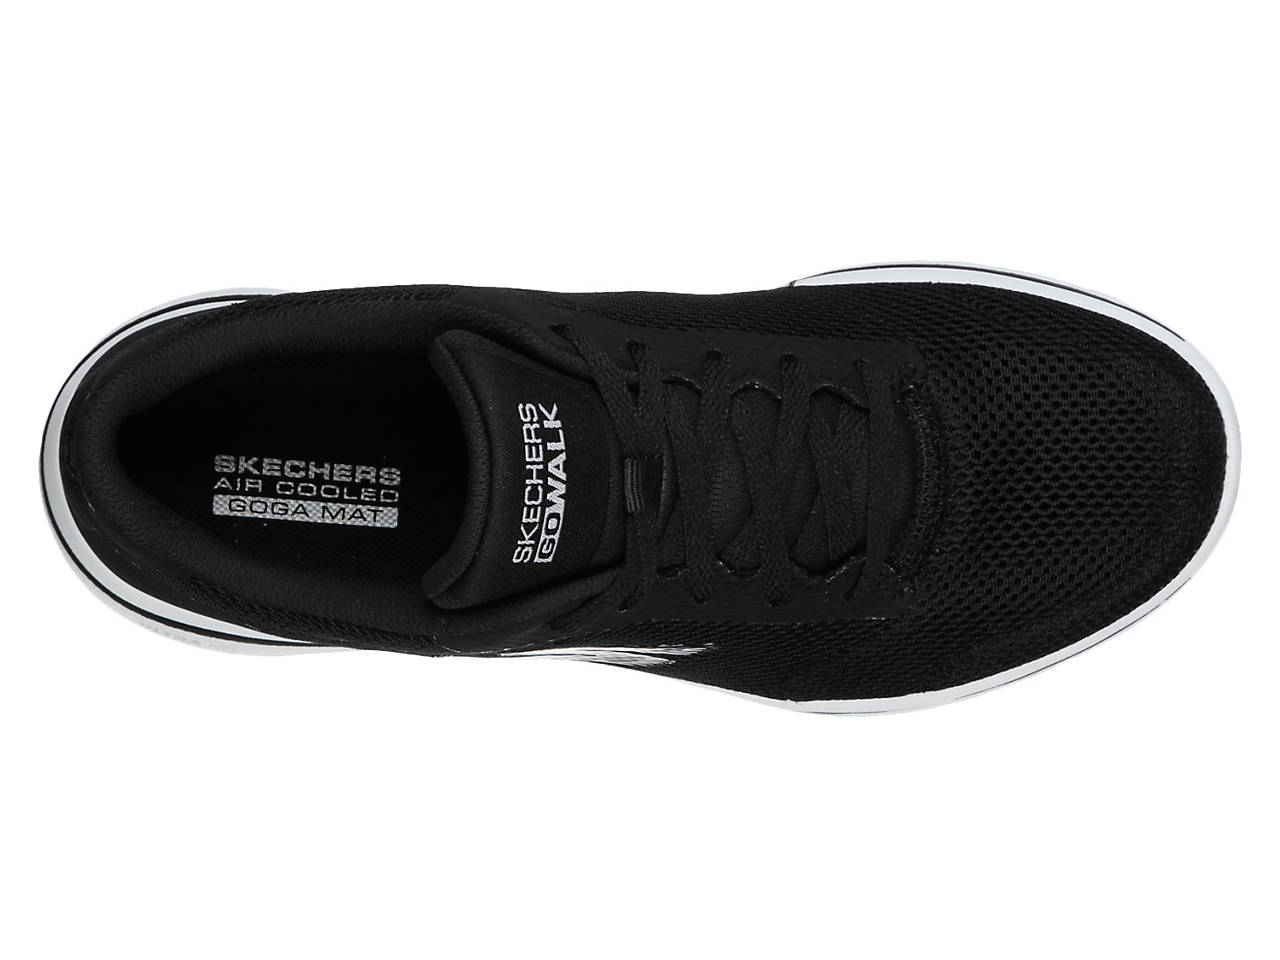 Skechers GOwalk 5 Lucky Sneaker Women's Women's Shoes | DSW